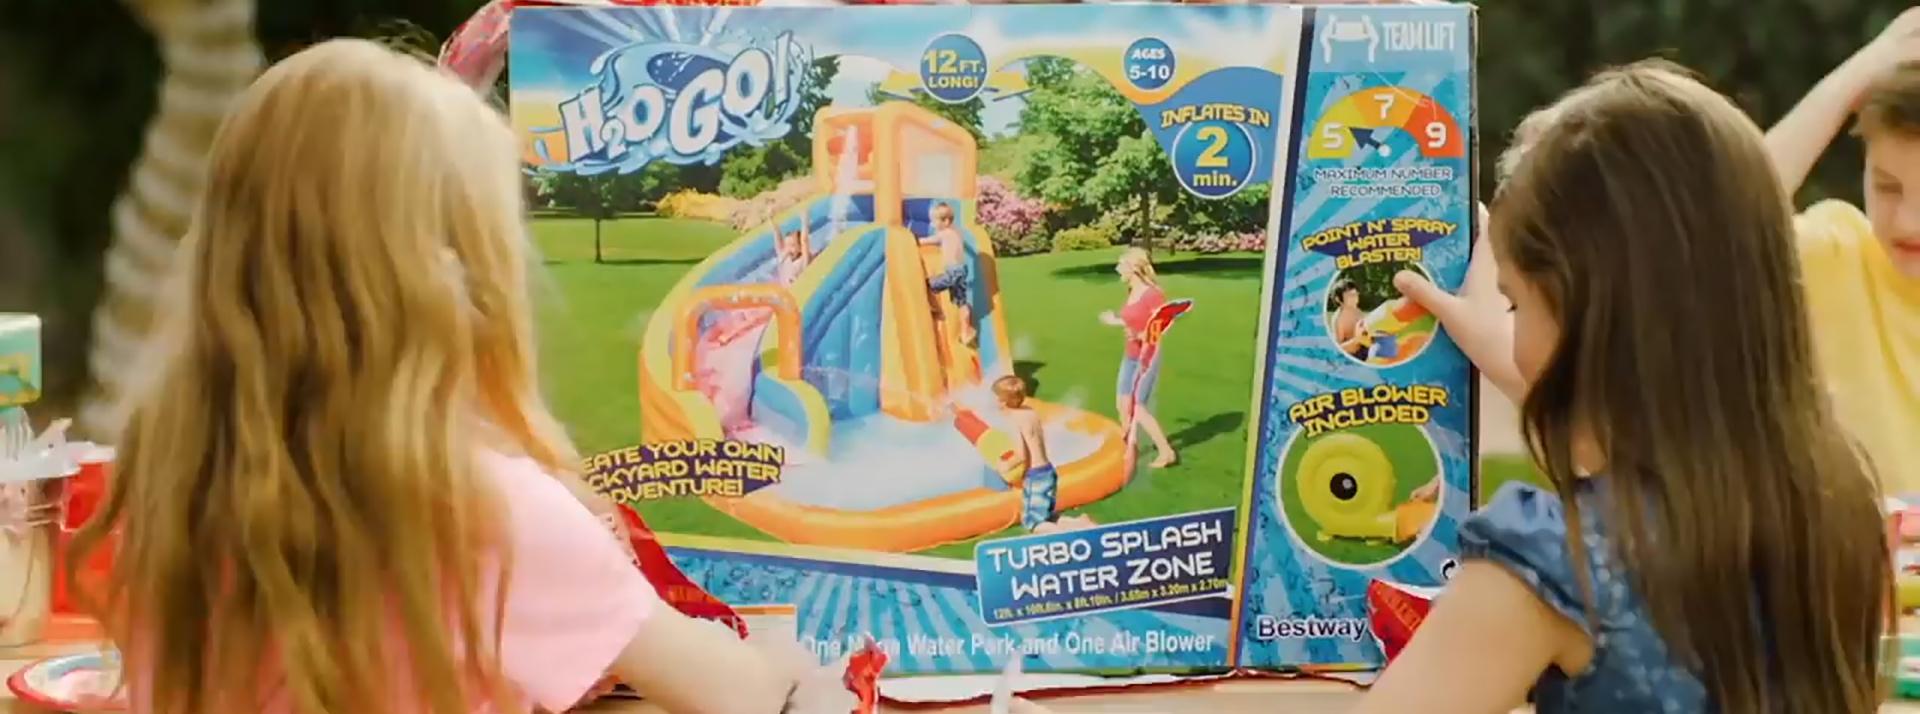 H2OGO!® Mega Inflatable Water Parks are Back for Summer, Built...